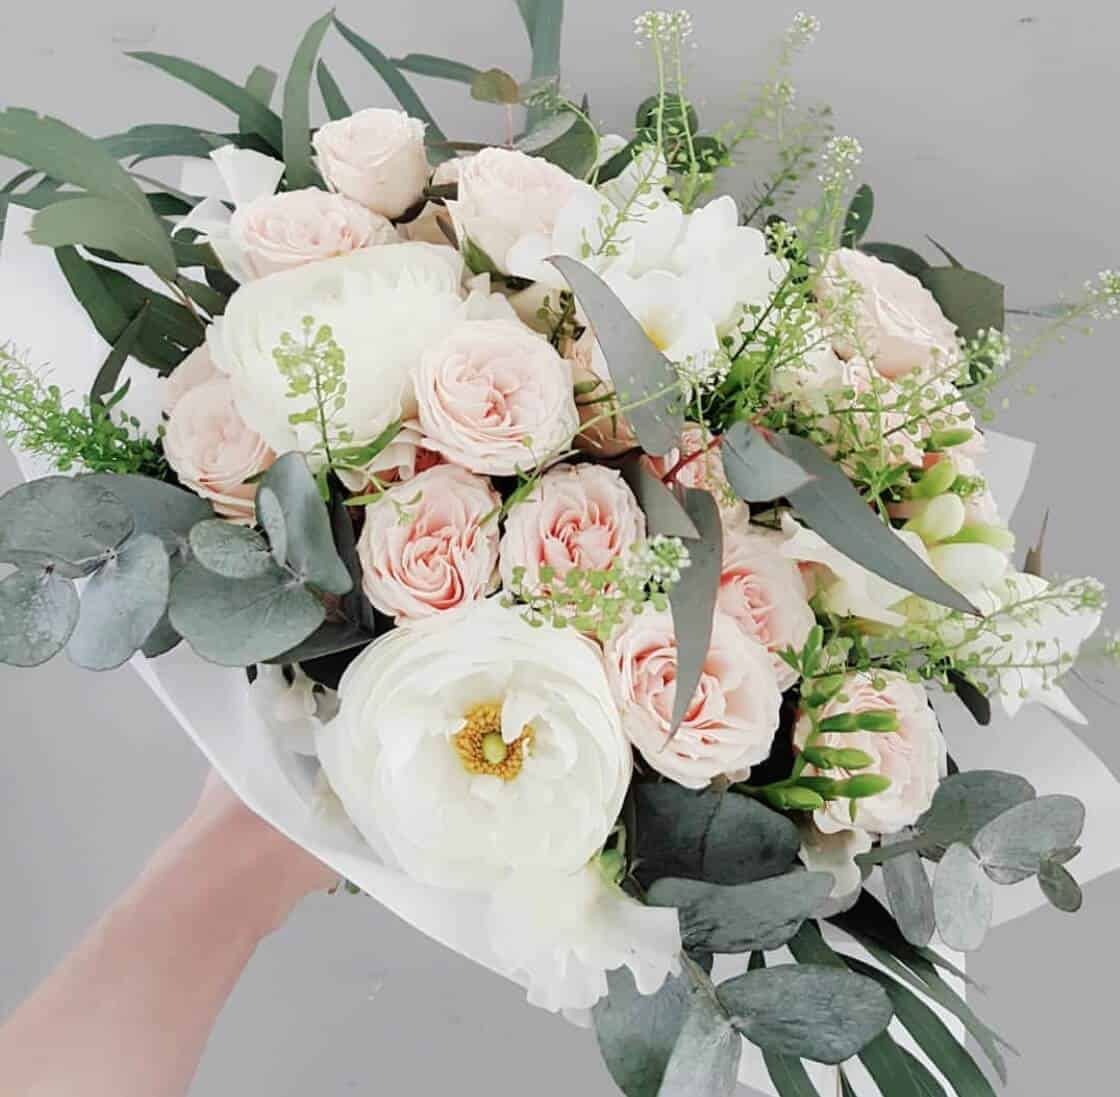 13471fe8306 Pruudikimp ja pulmalilled - Studio Nelk - lillede saatmine kulleriga